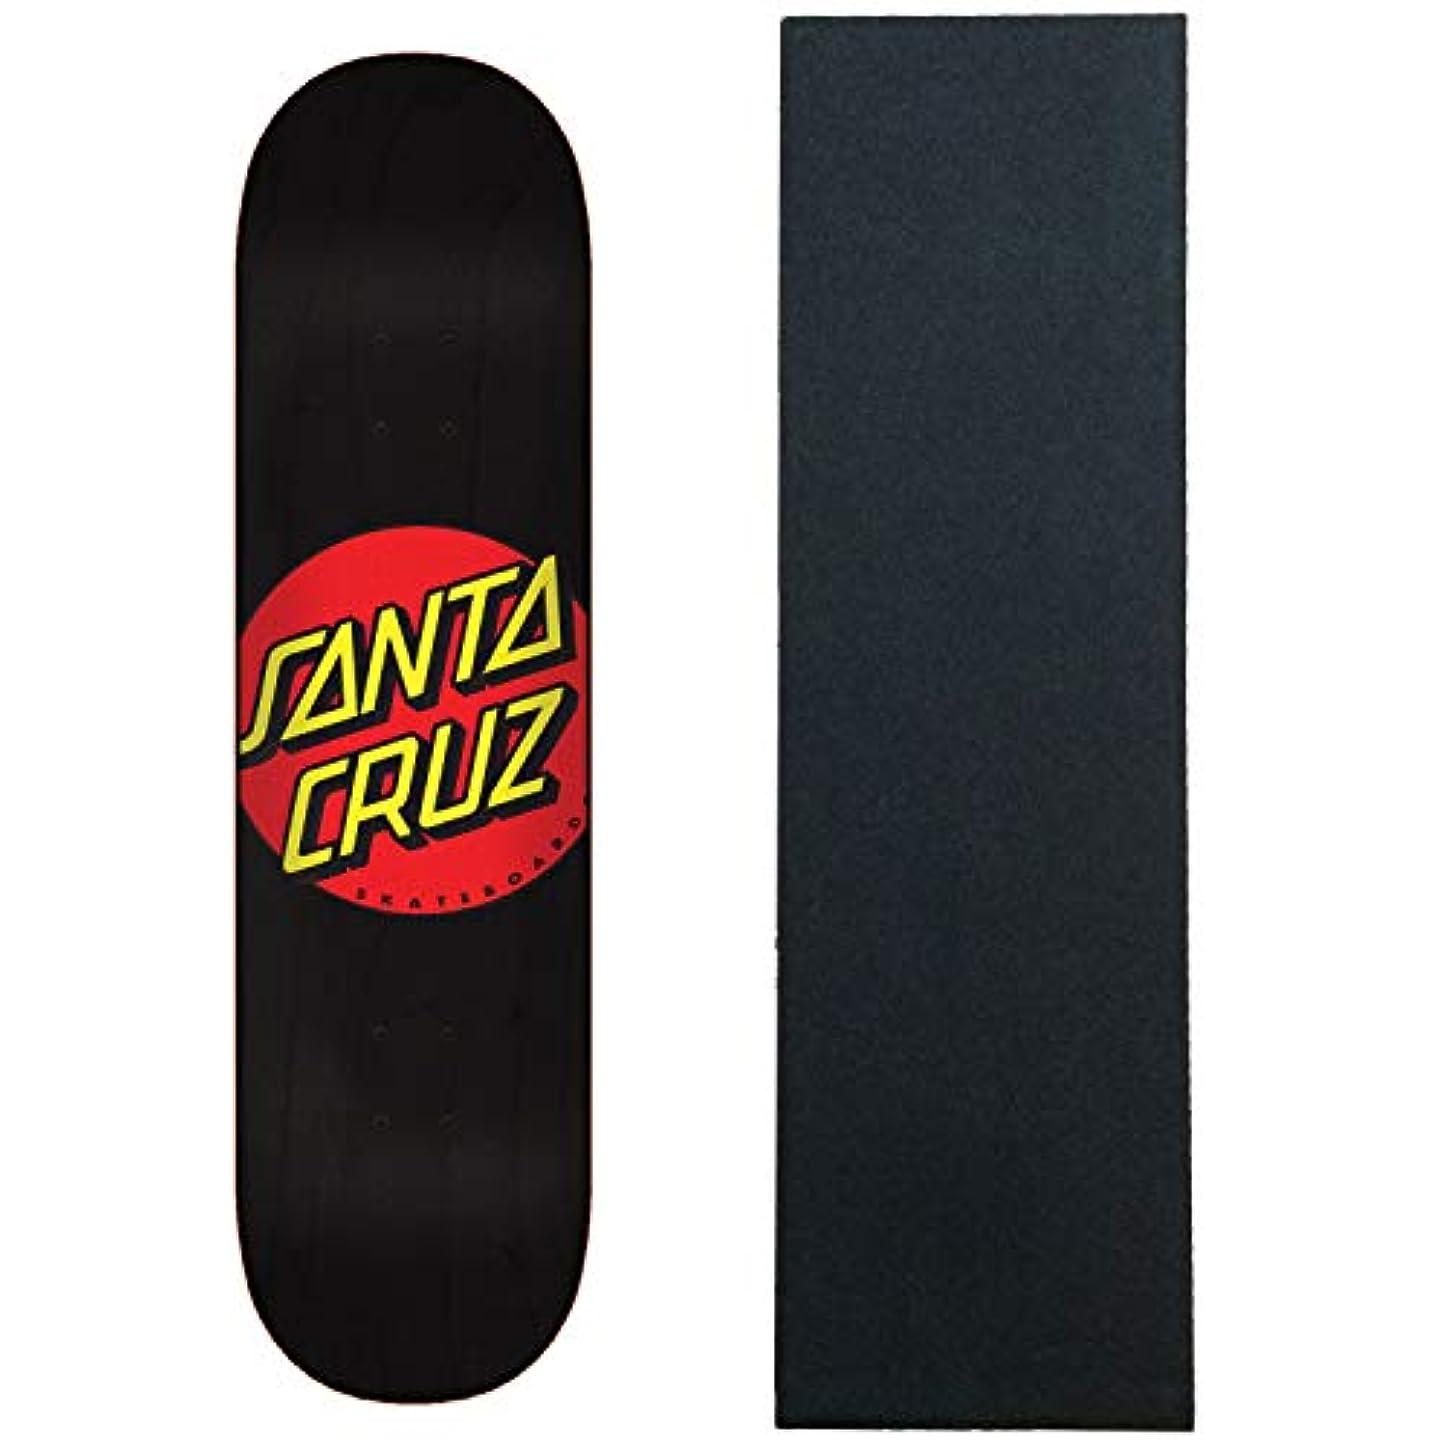 救い訴えるオペレーターSanta Cruz スケートボードデッキ クラシックドットワイドチップ ブラック/レッド 8.25インチ グリップ付き